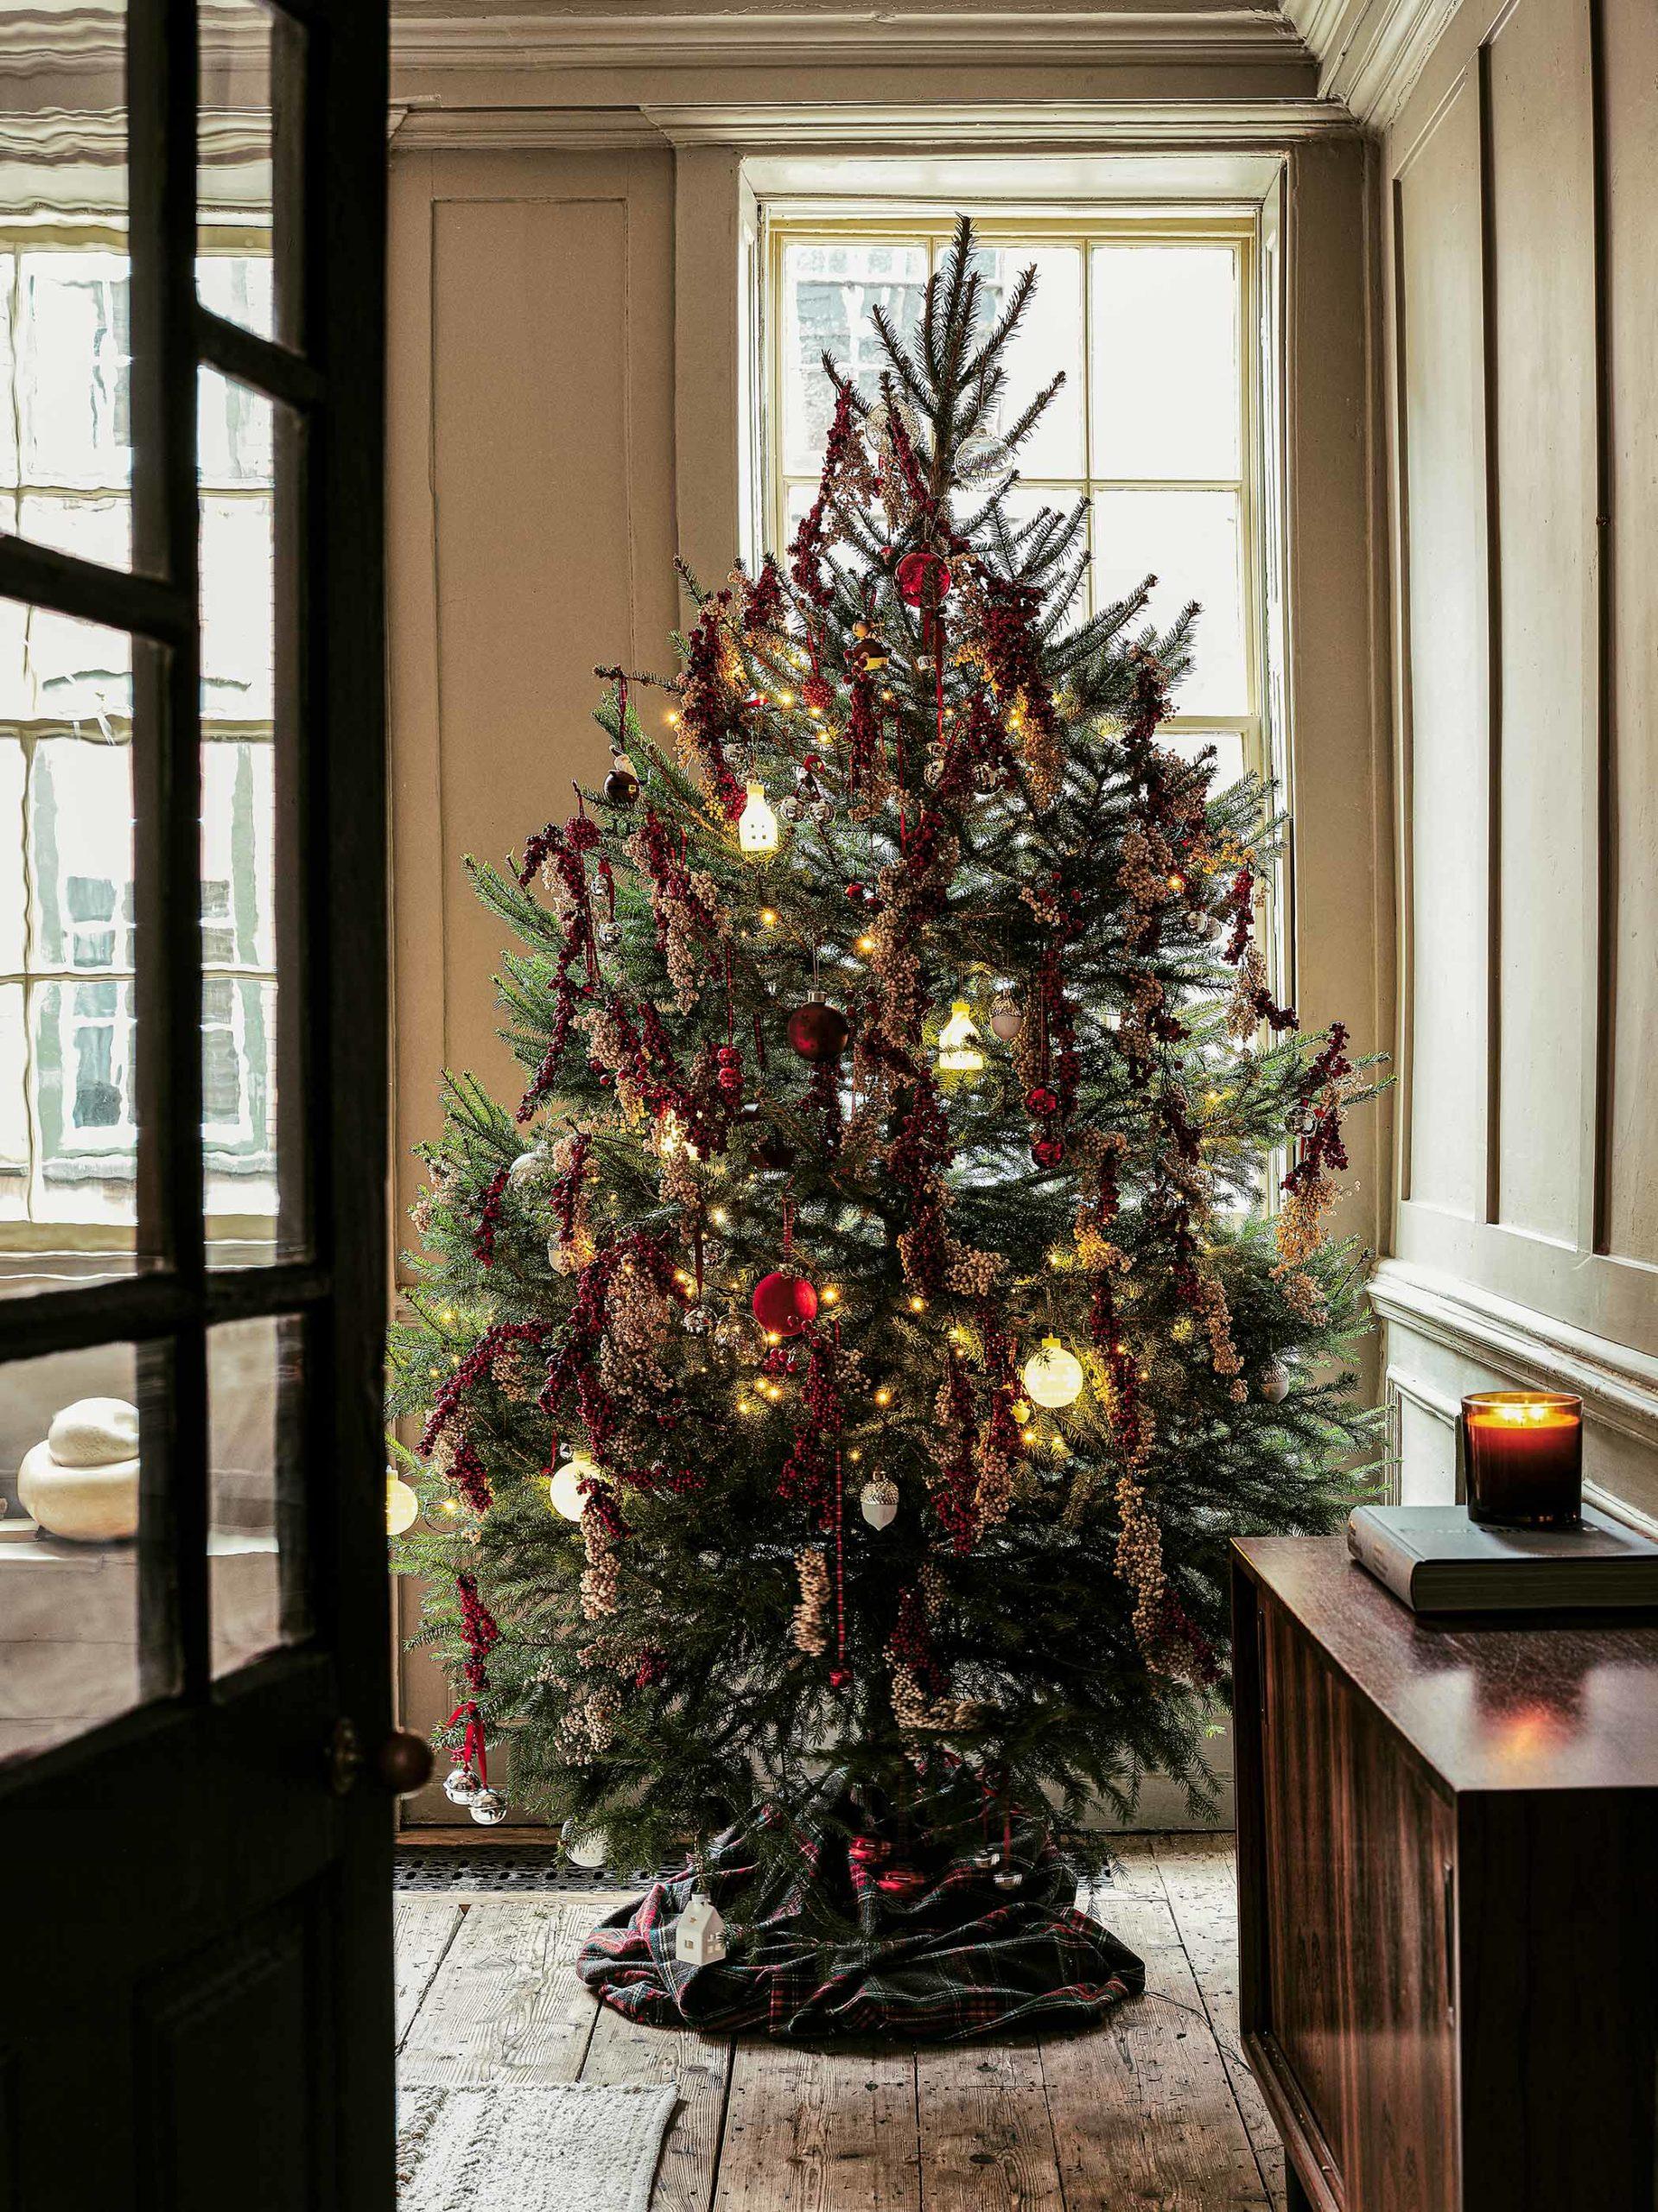 Addobbi Natalizi Zara Home.Zara Home Natale 2019 Le Decorazioni Piu Belle Per Albero Tavola E Casa Diredonna